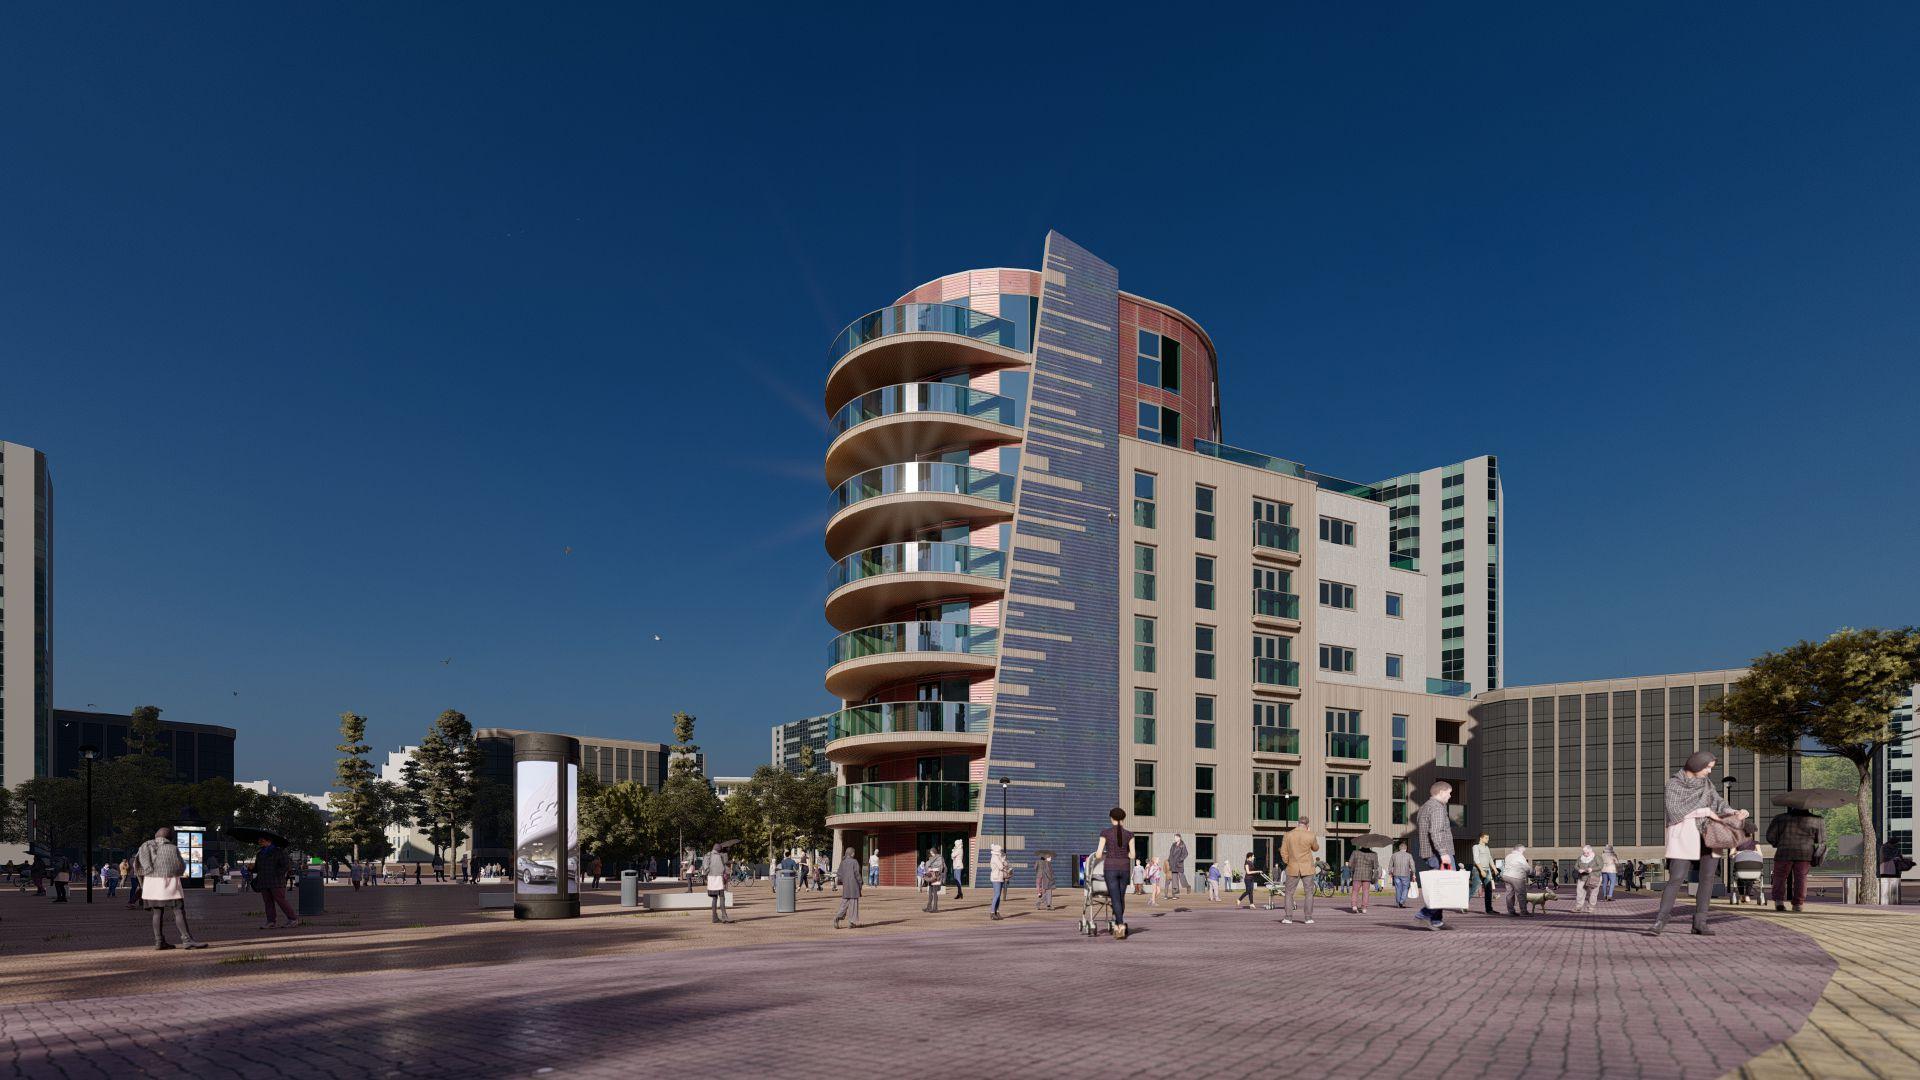 arhitektuurne 3d visualiseerimine hoone plokk 22